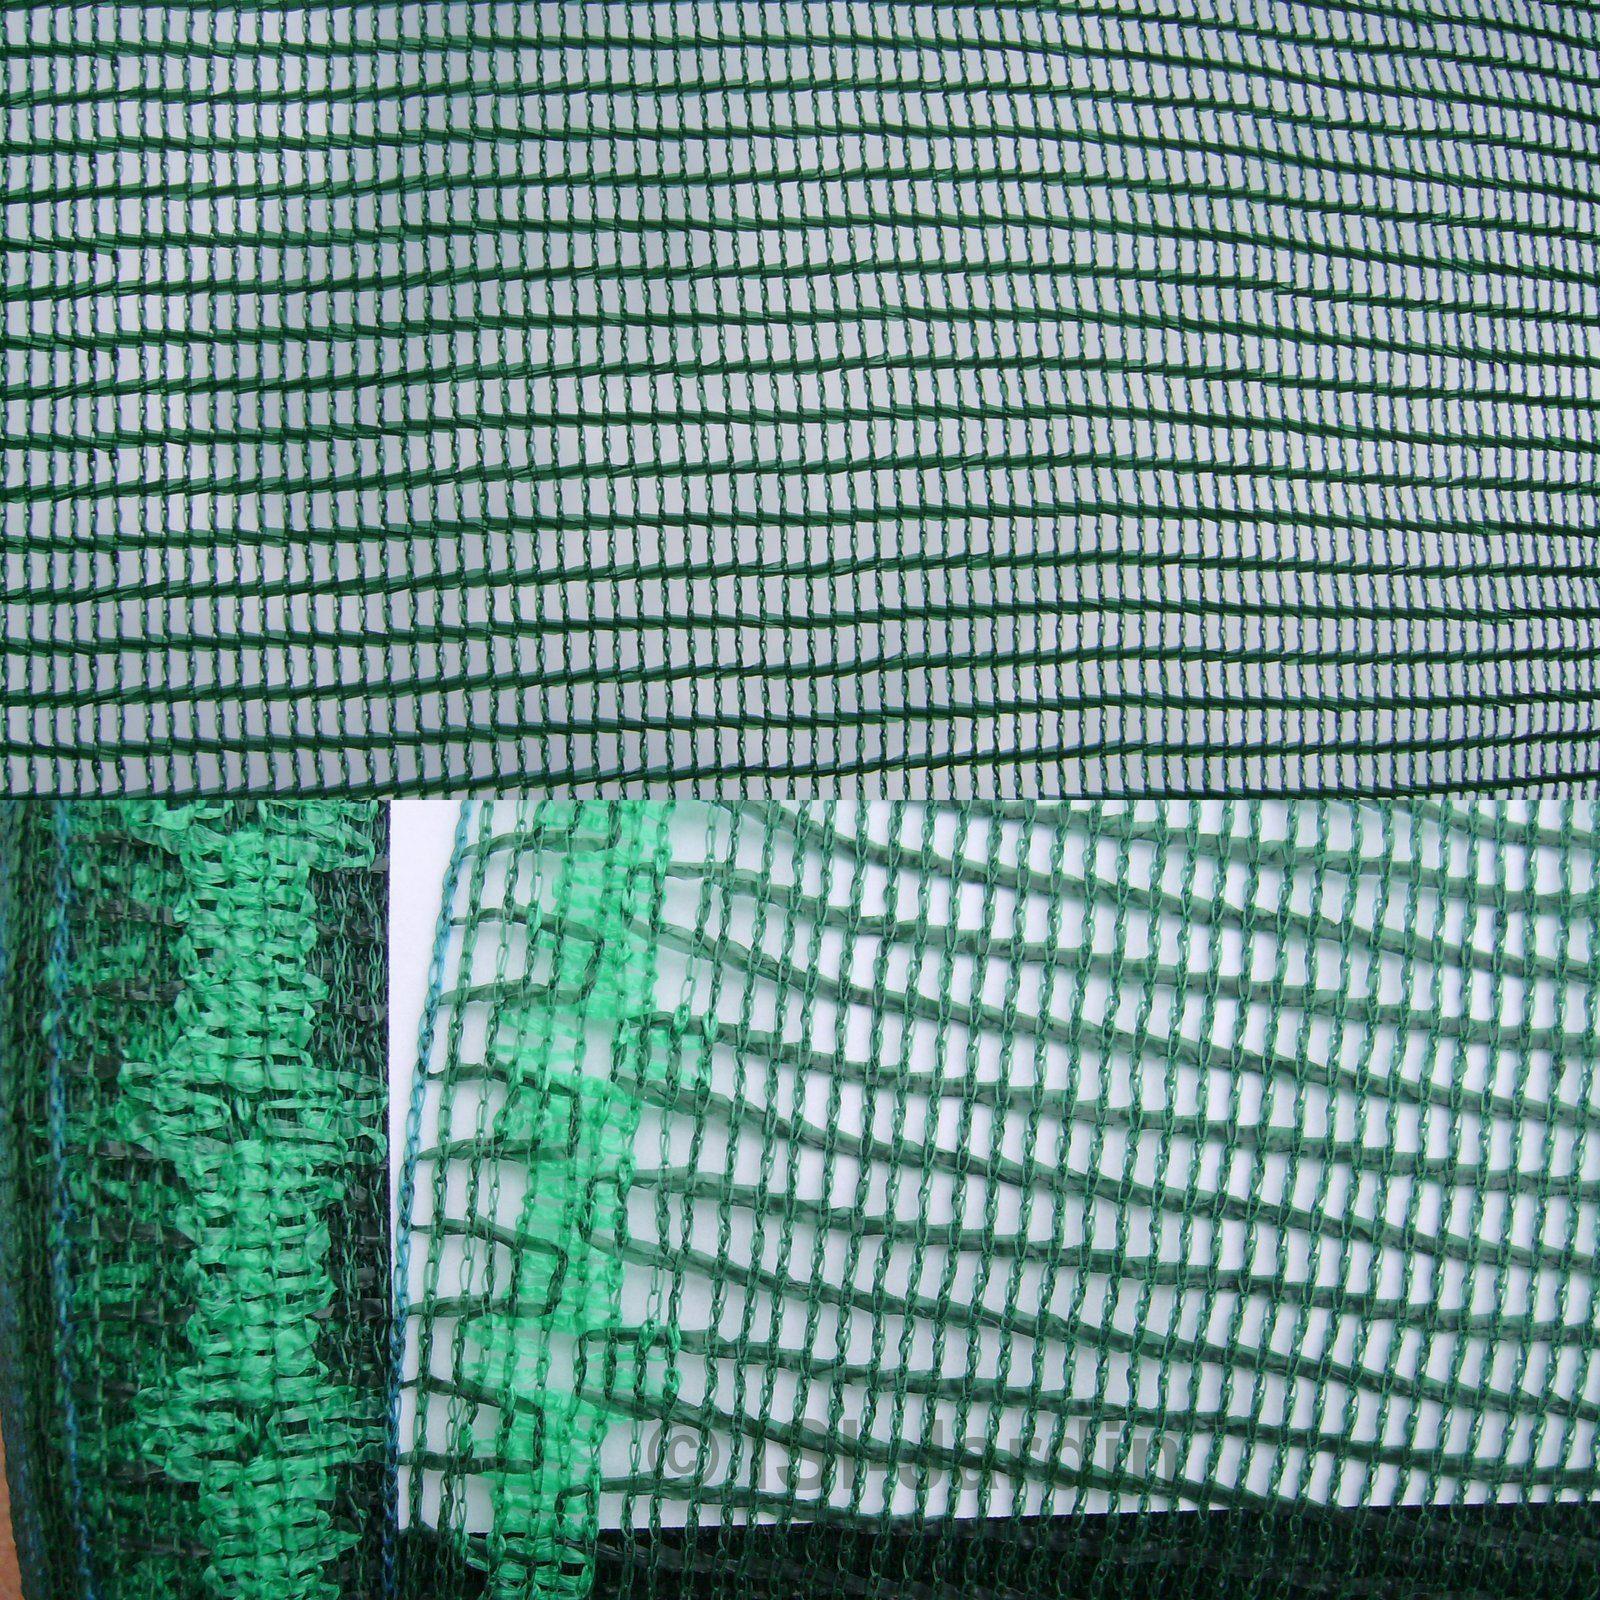 Toile Ombrage Au Metre filet d'ombrage 50%, vert foncé, 3 mètres de large, vendu au mètre linéaire